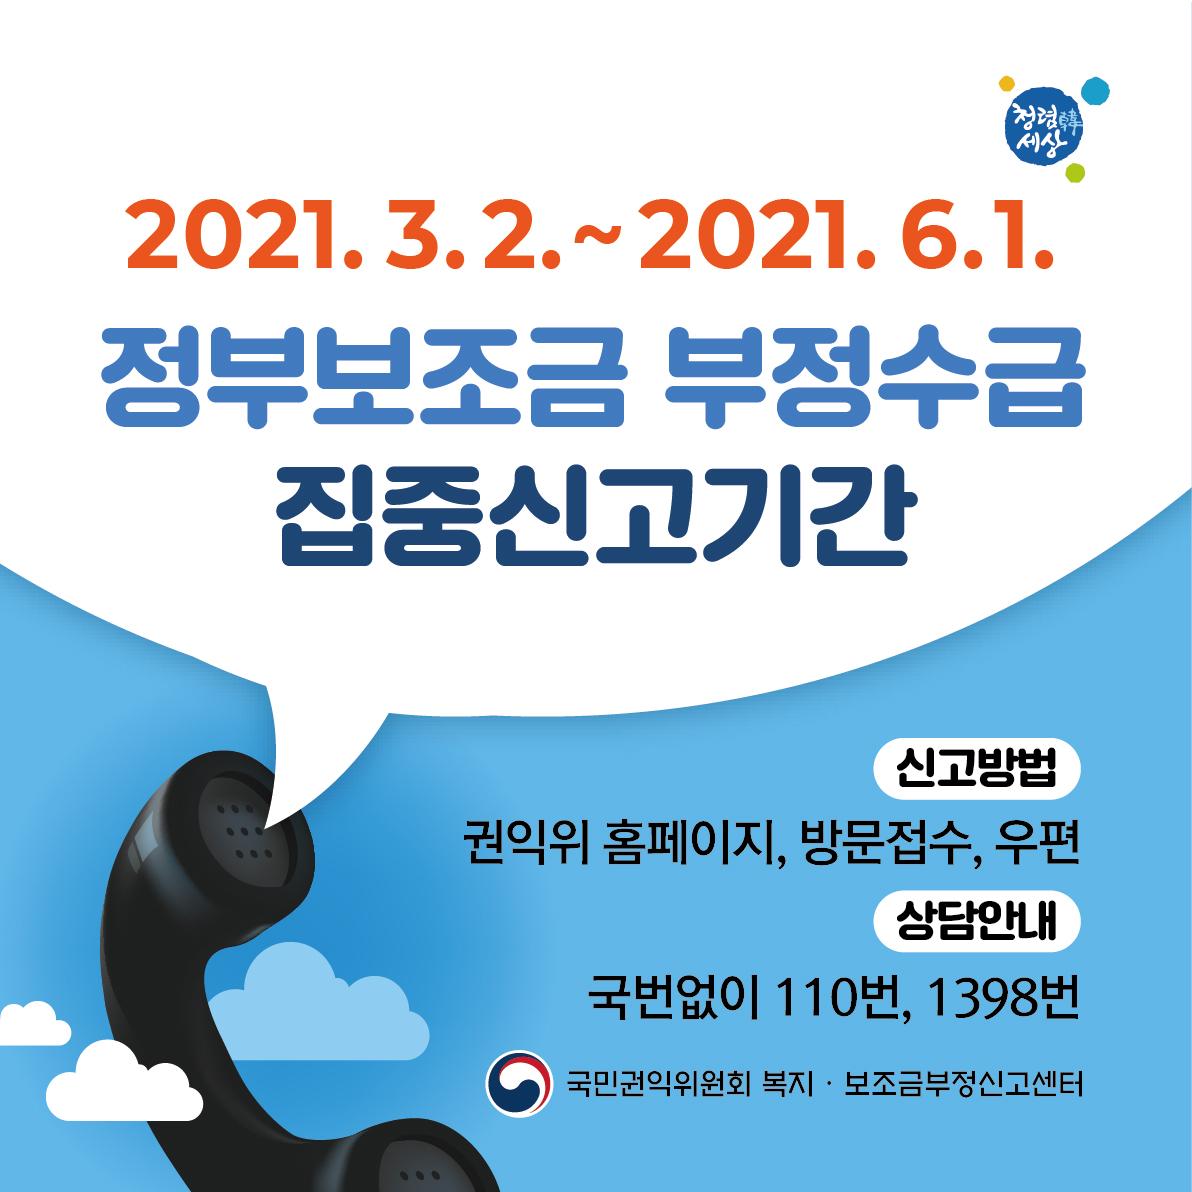 2021년 정부보조금 부정수급 집중신고기간